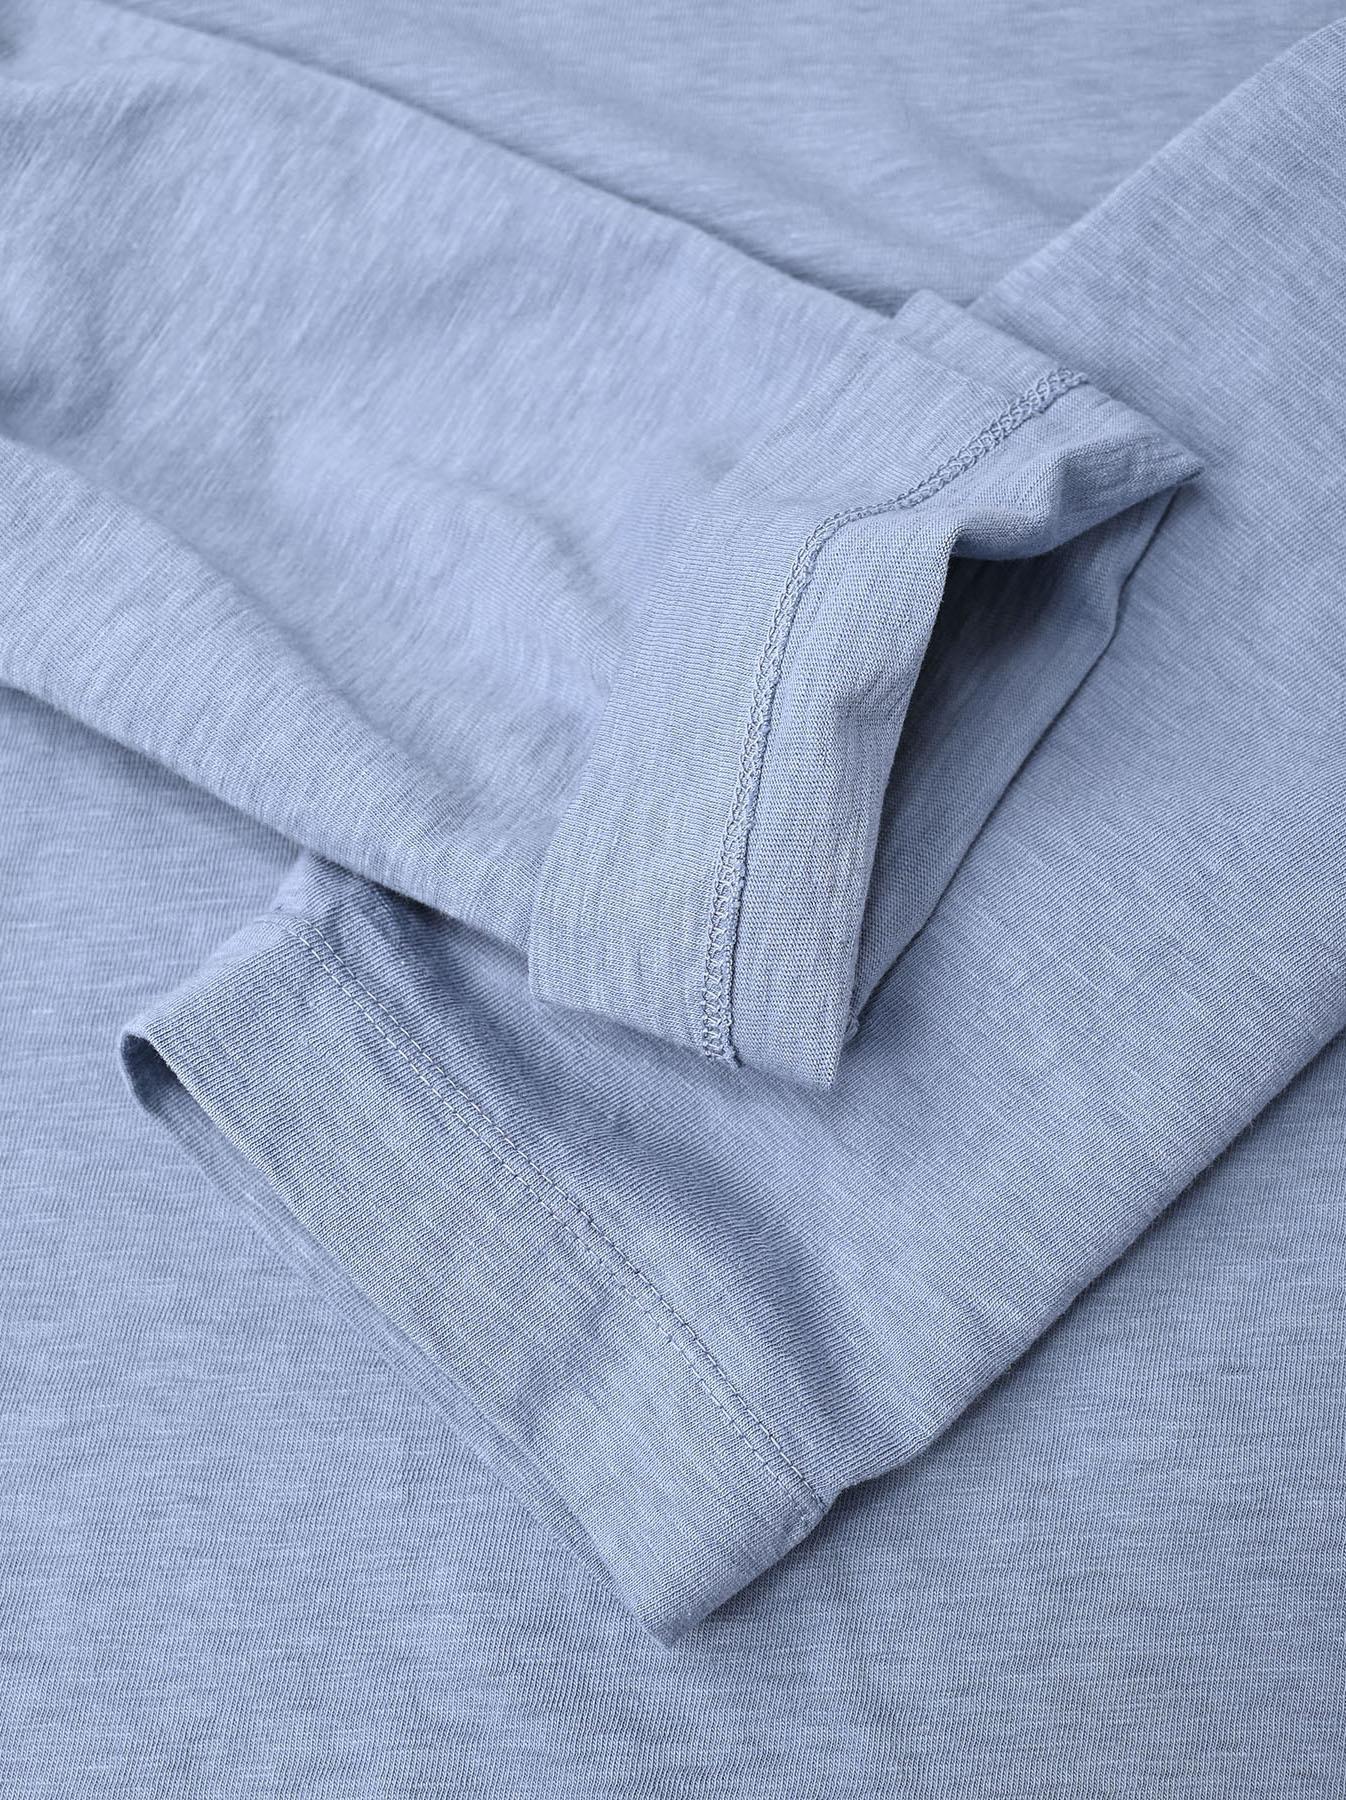 Zimbabwe Cotton Square T-shirt-9